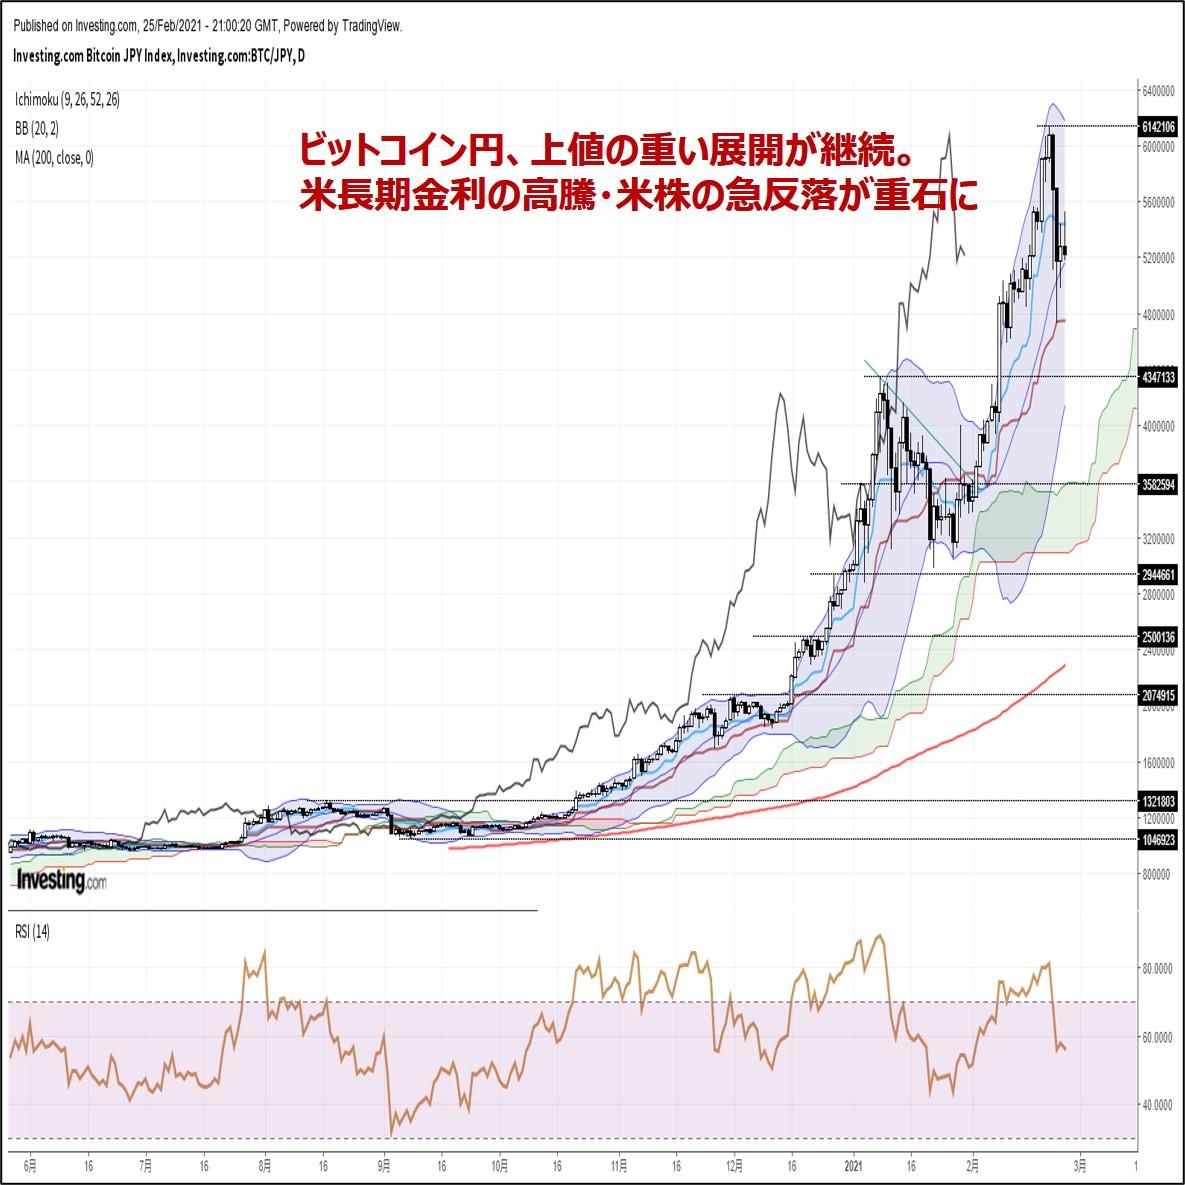 ビットコイン円、上値の重い展開が継続。米長期金利の高騰が重石に